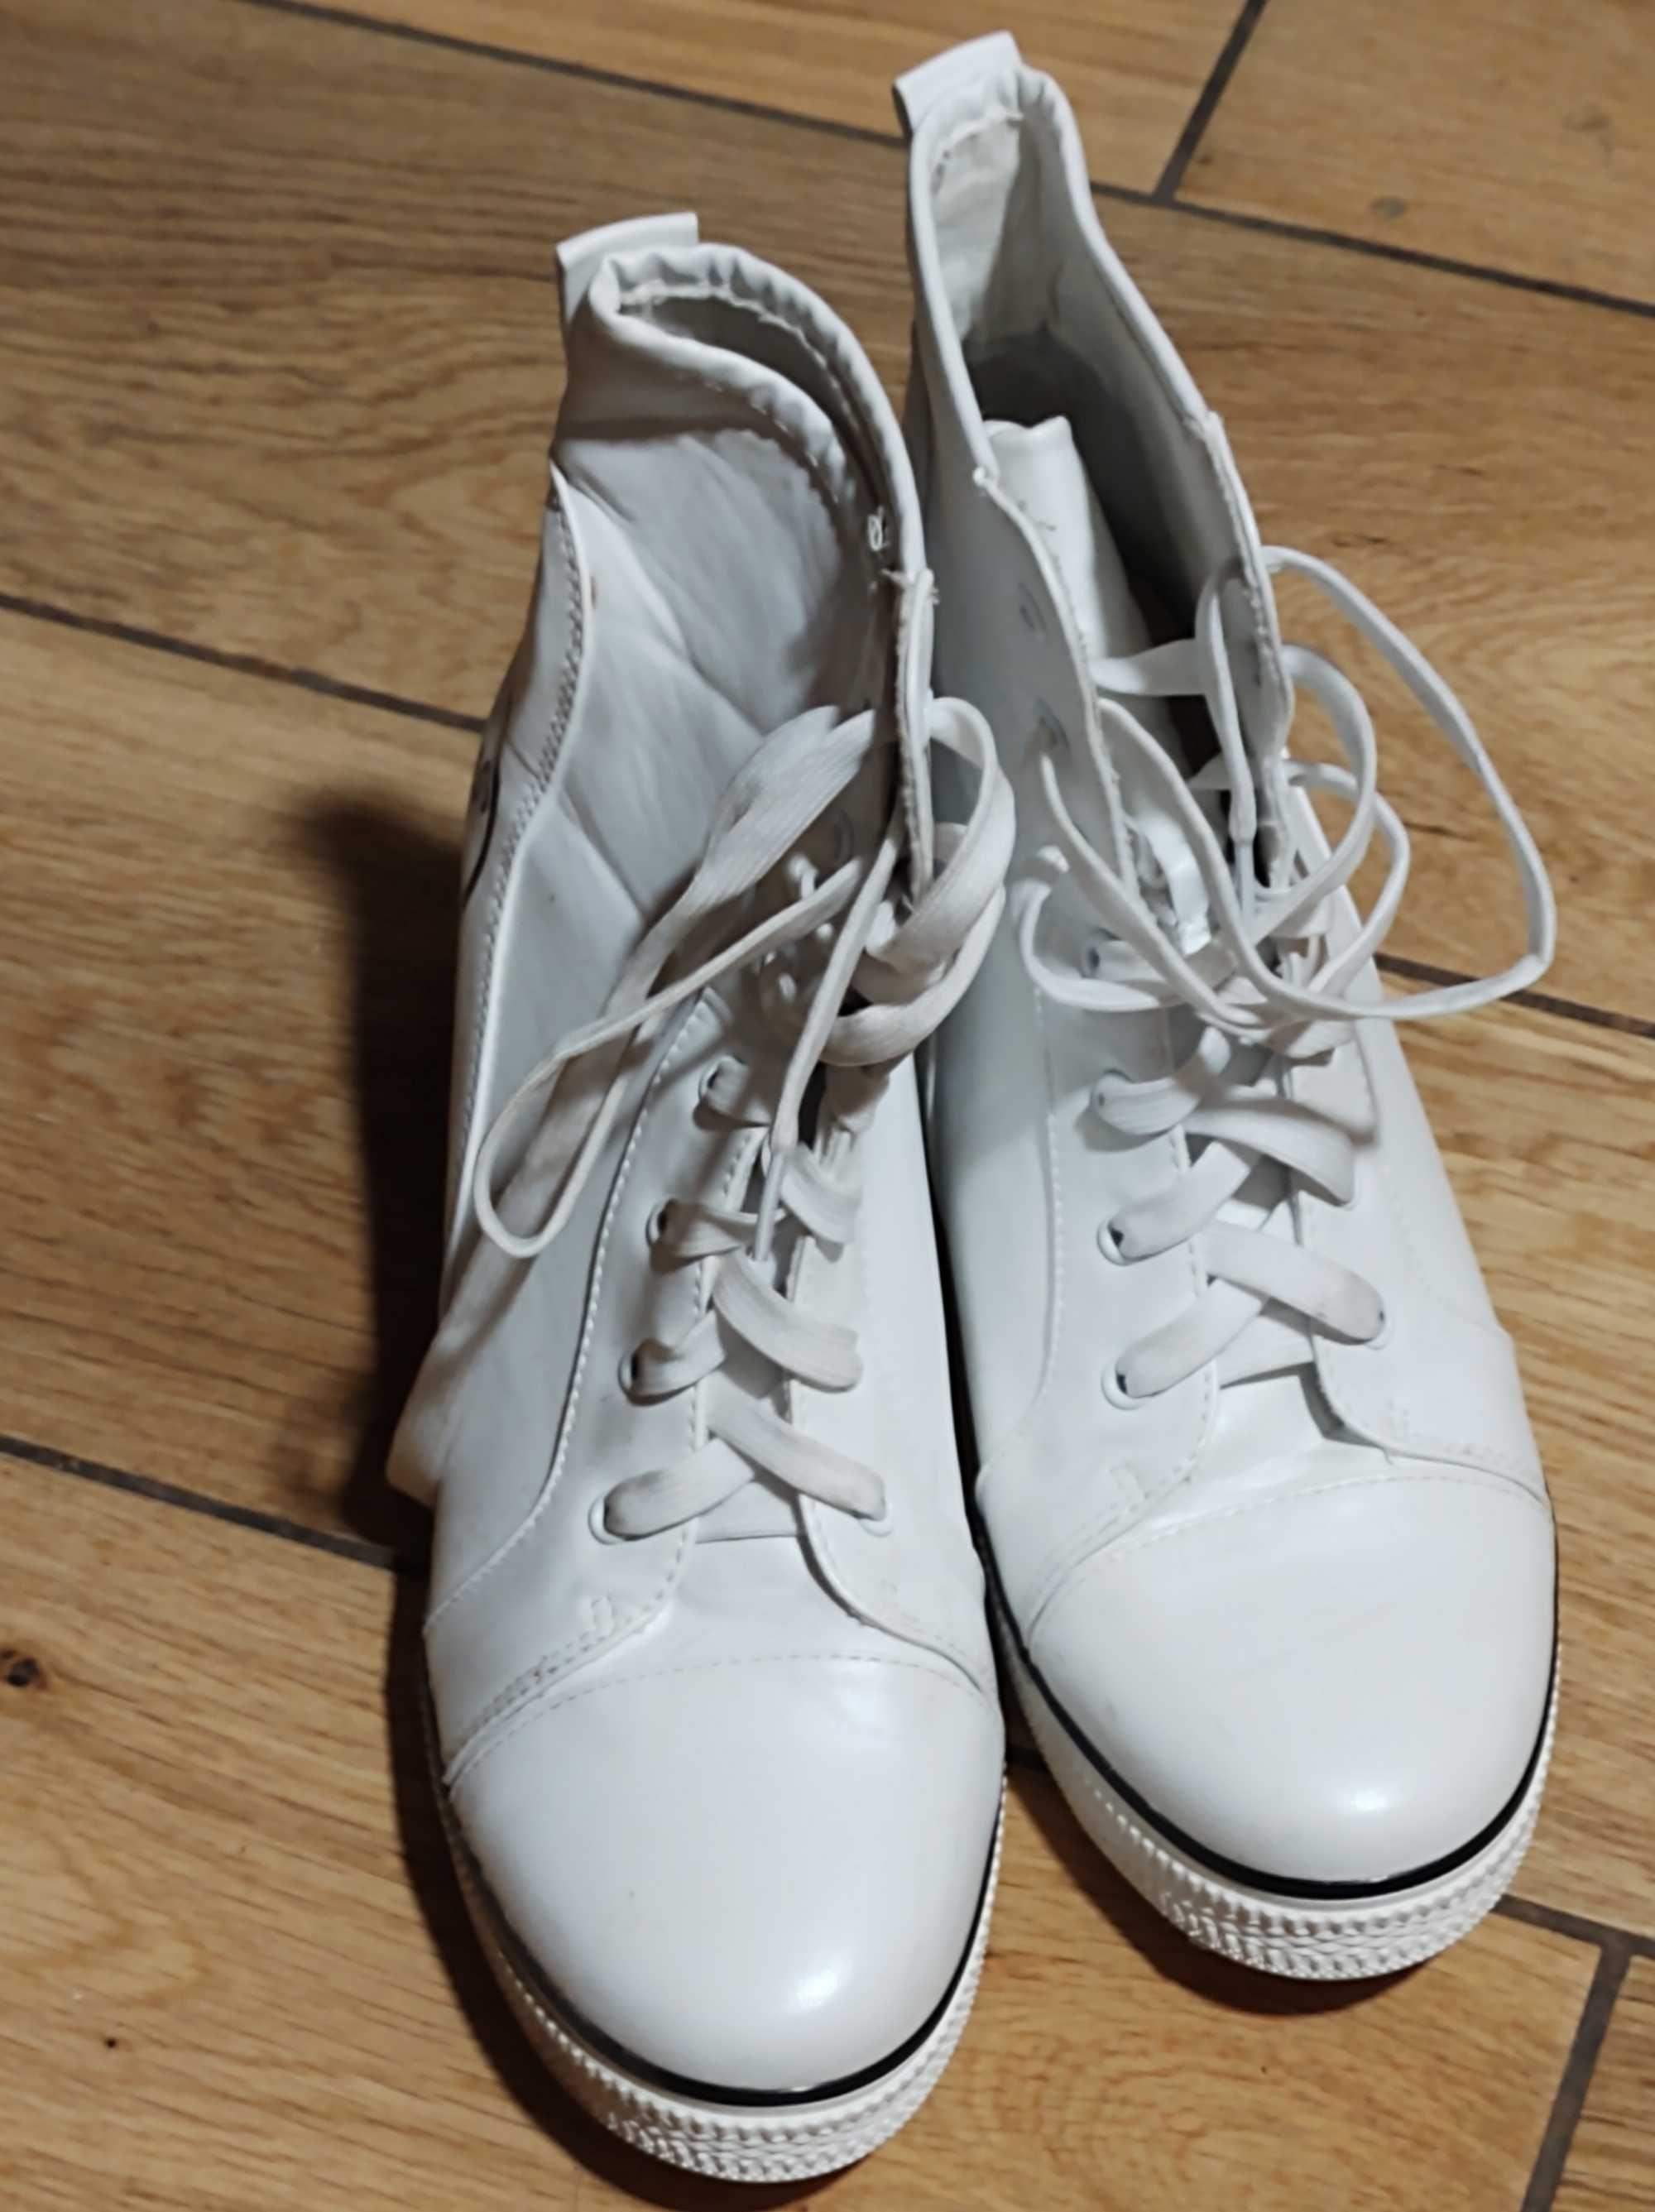 Buty w bardzo dobrym stanie